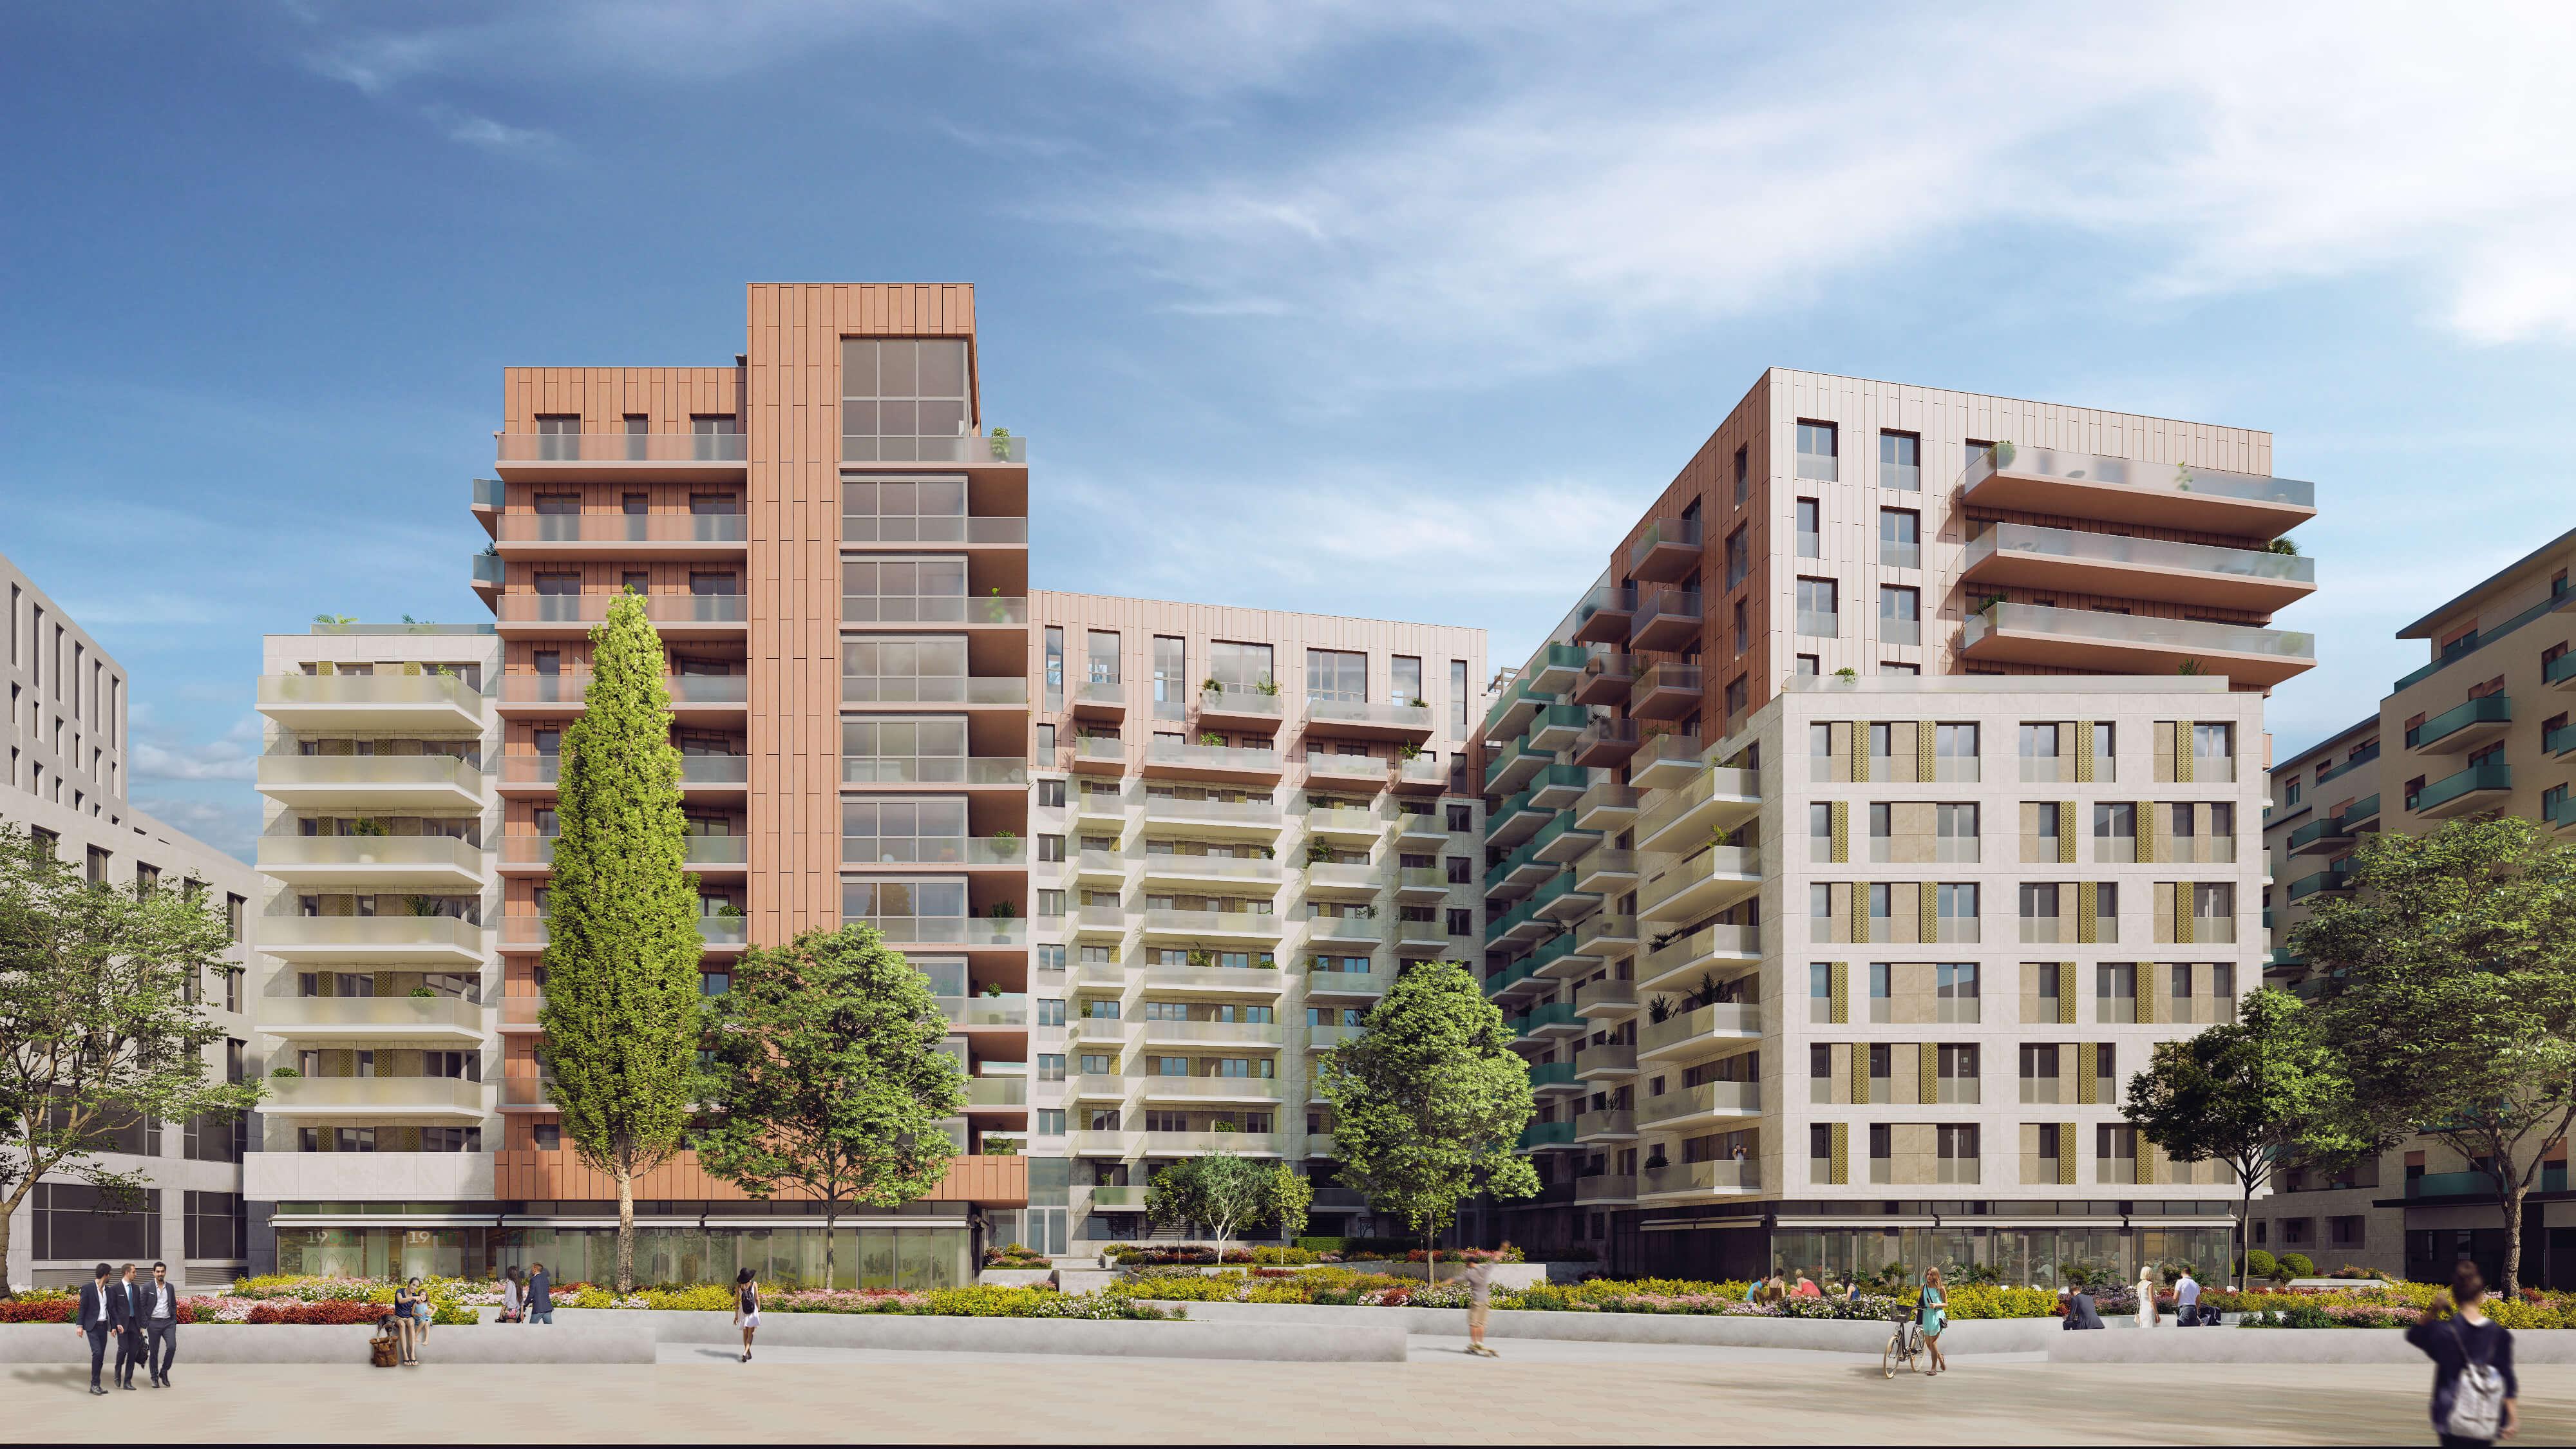 Évek óta nem látott árelőny a budapesti új lakás piacon